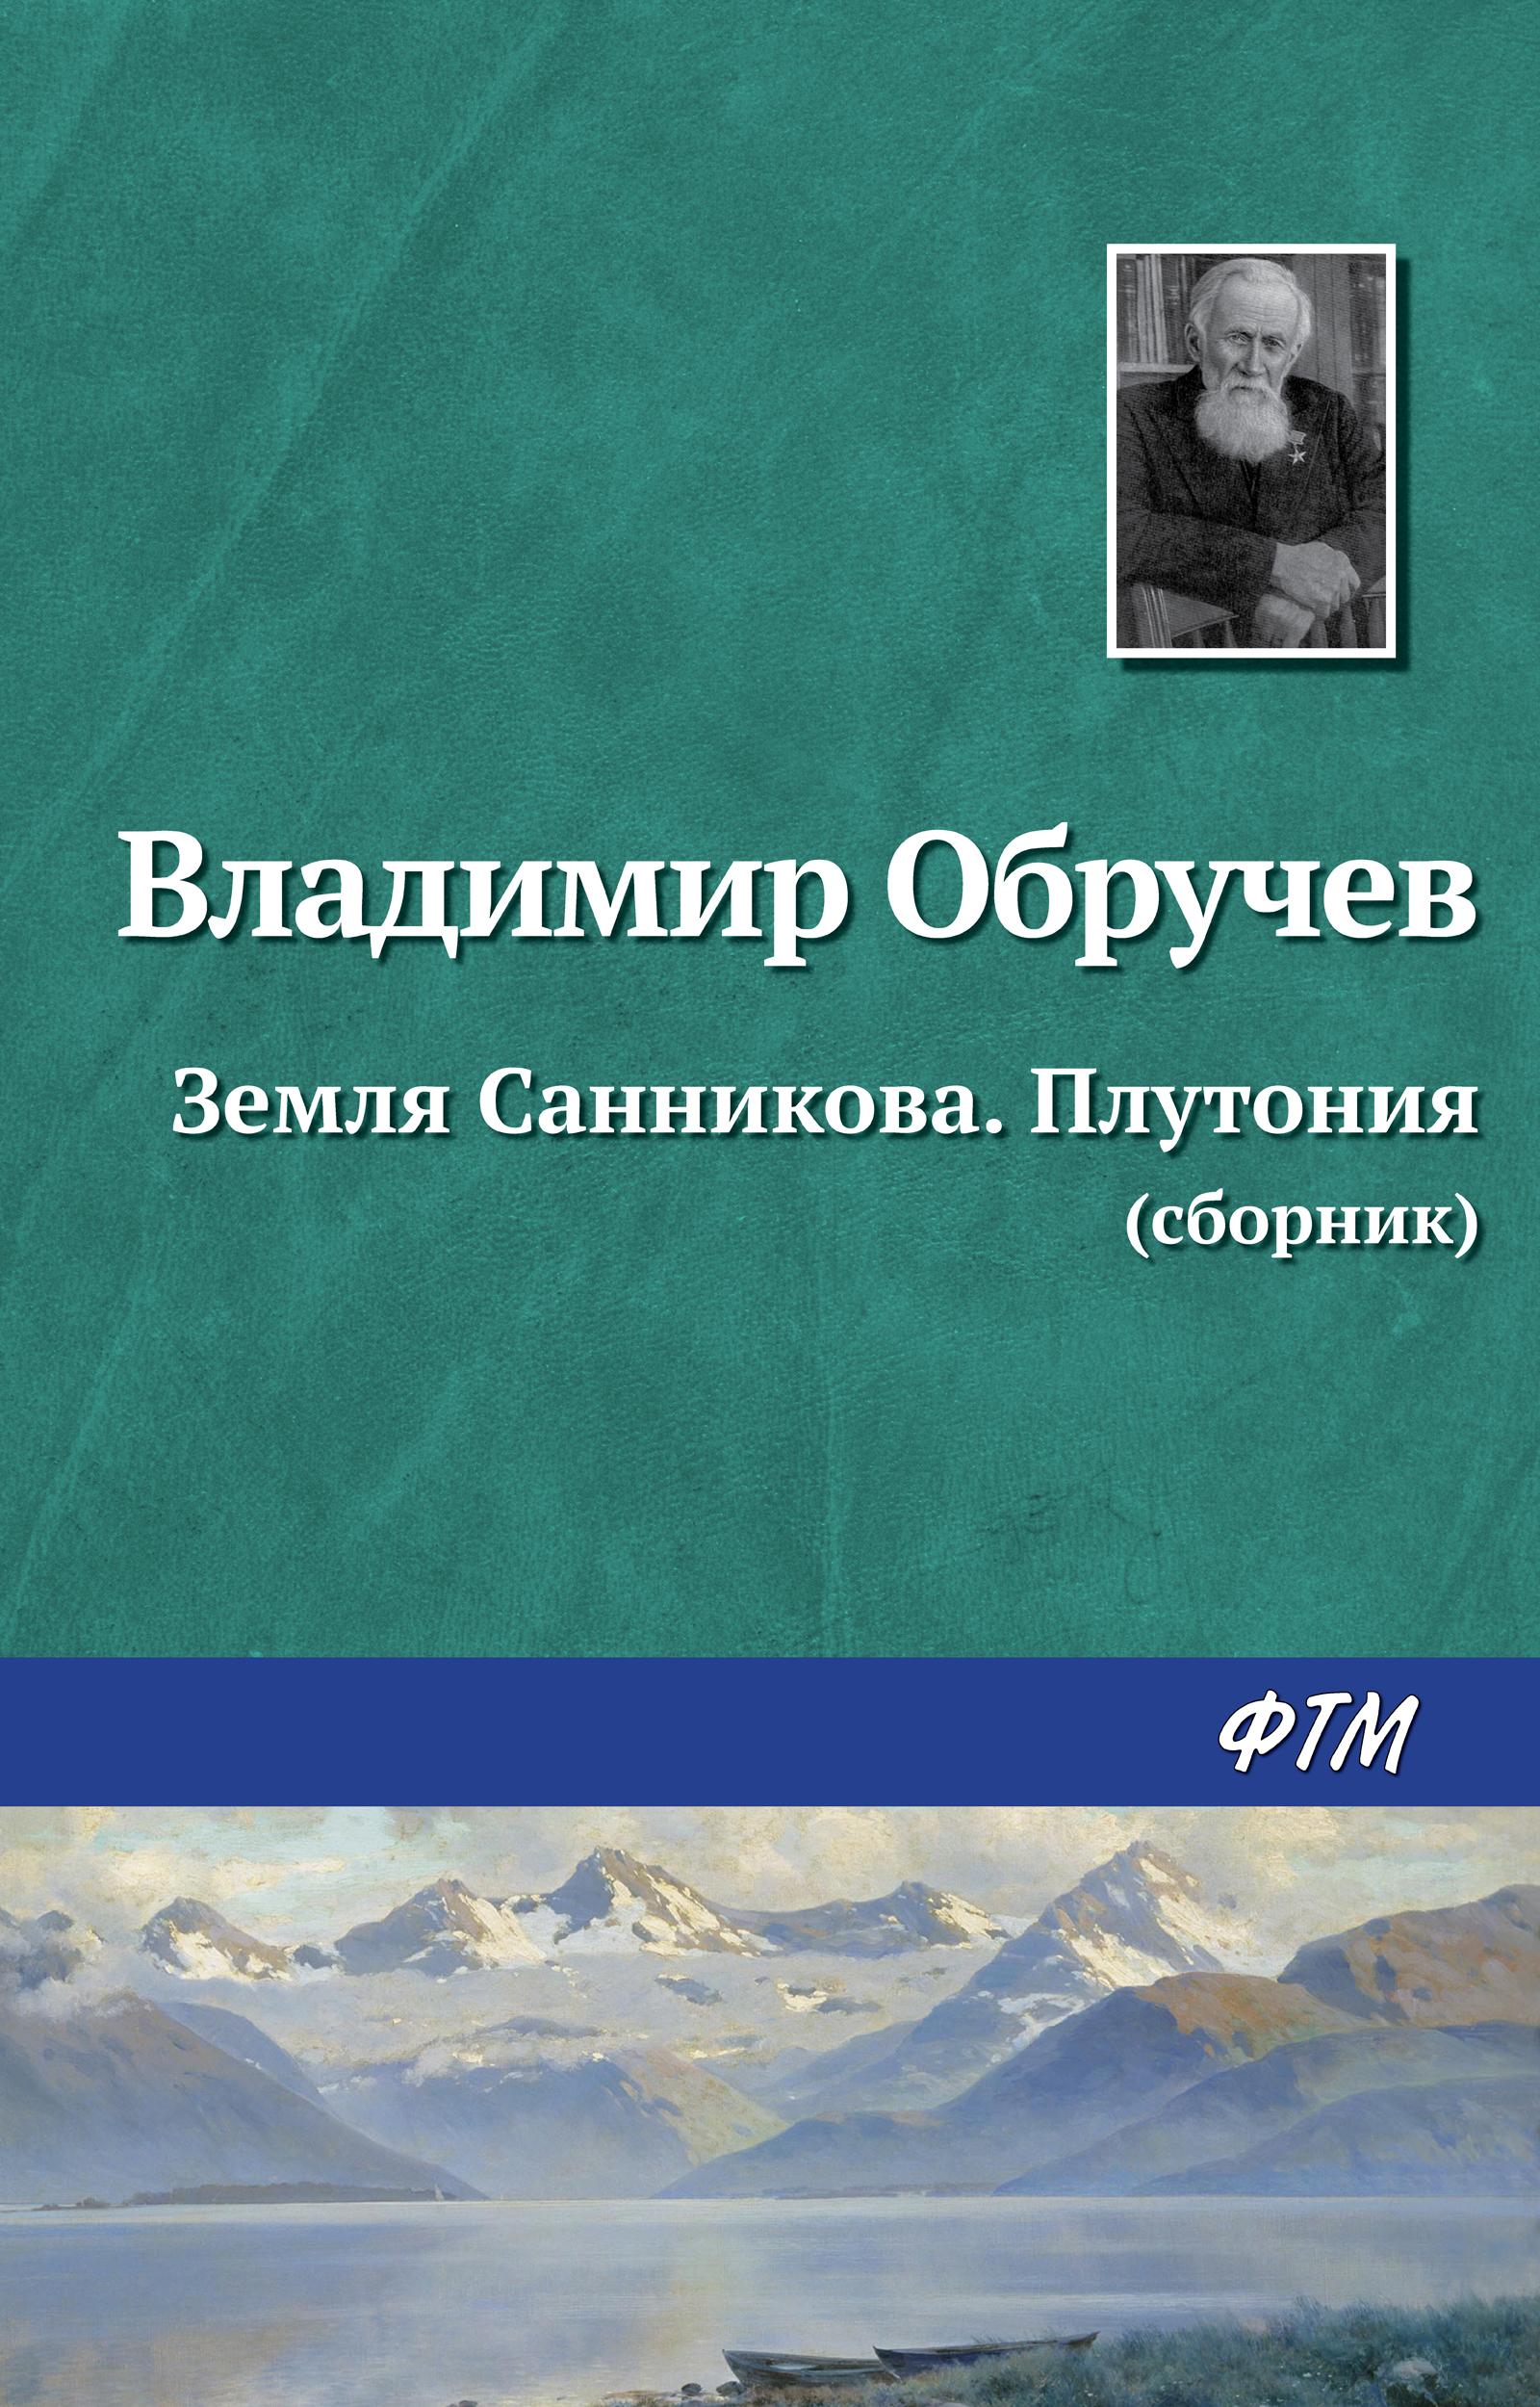 Земля Санникова. Плутония (сборник)